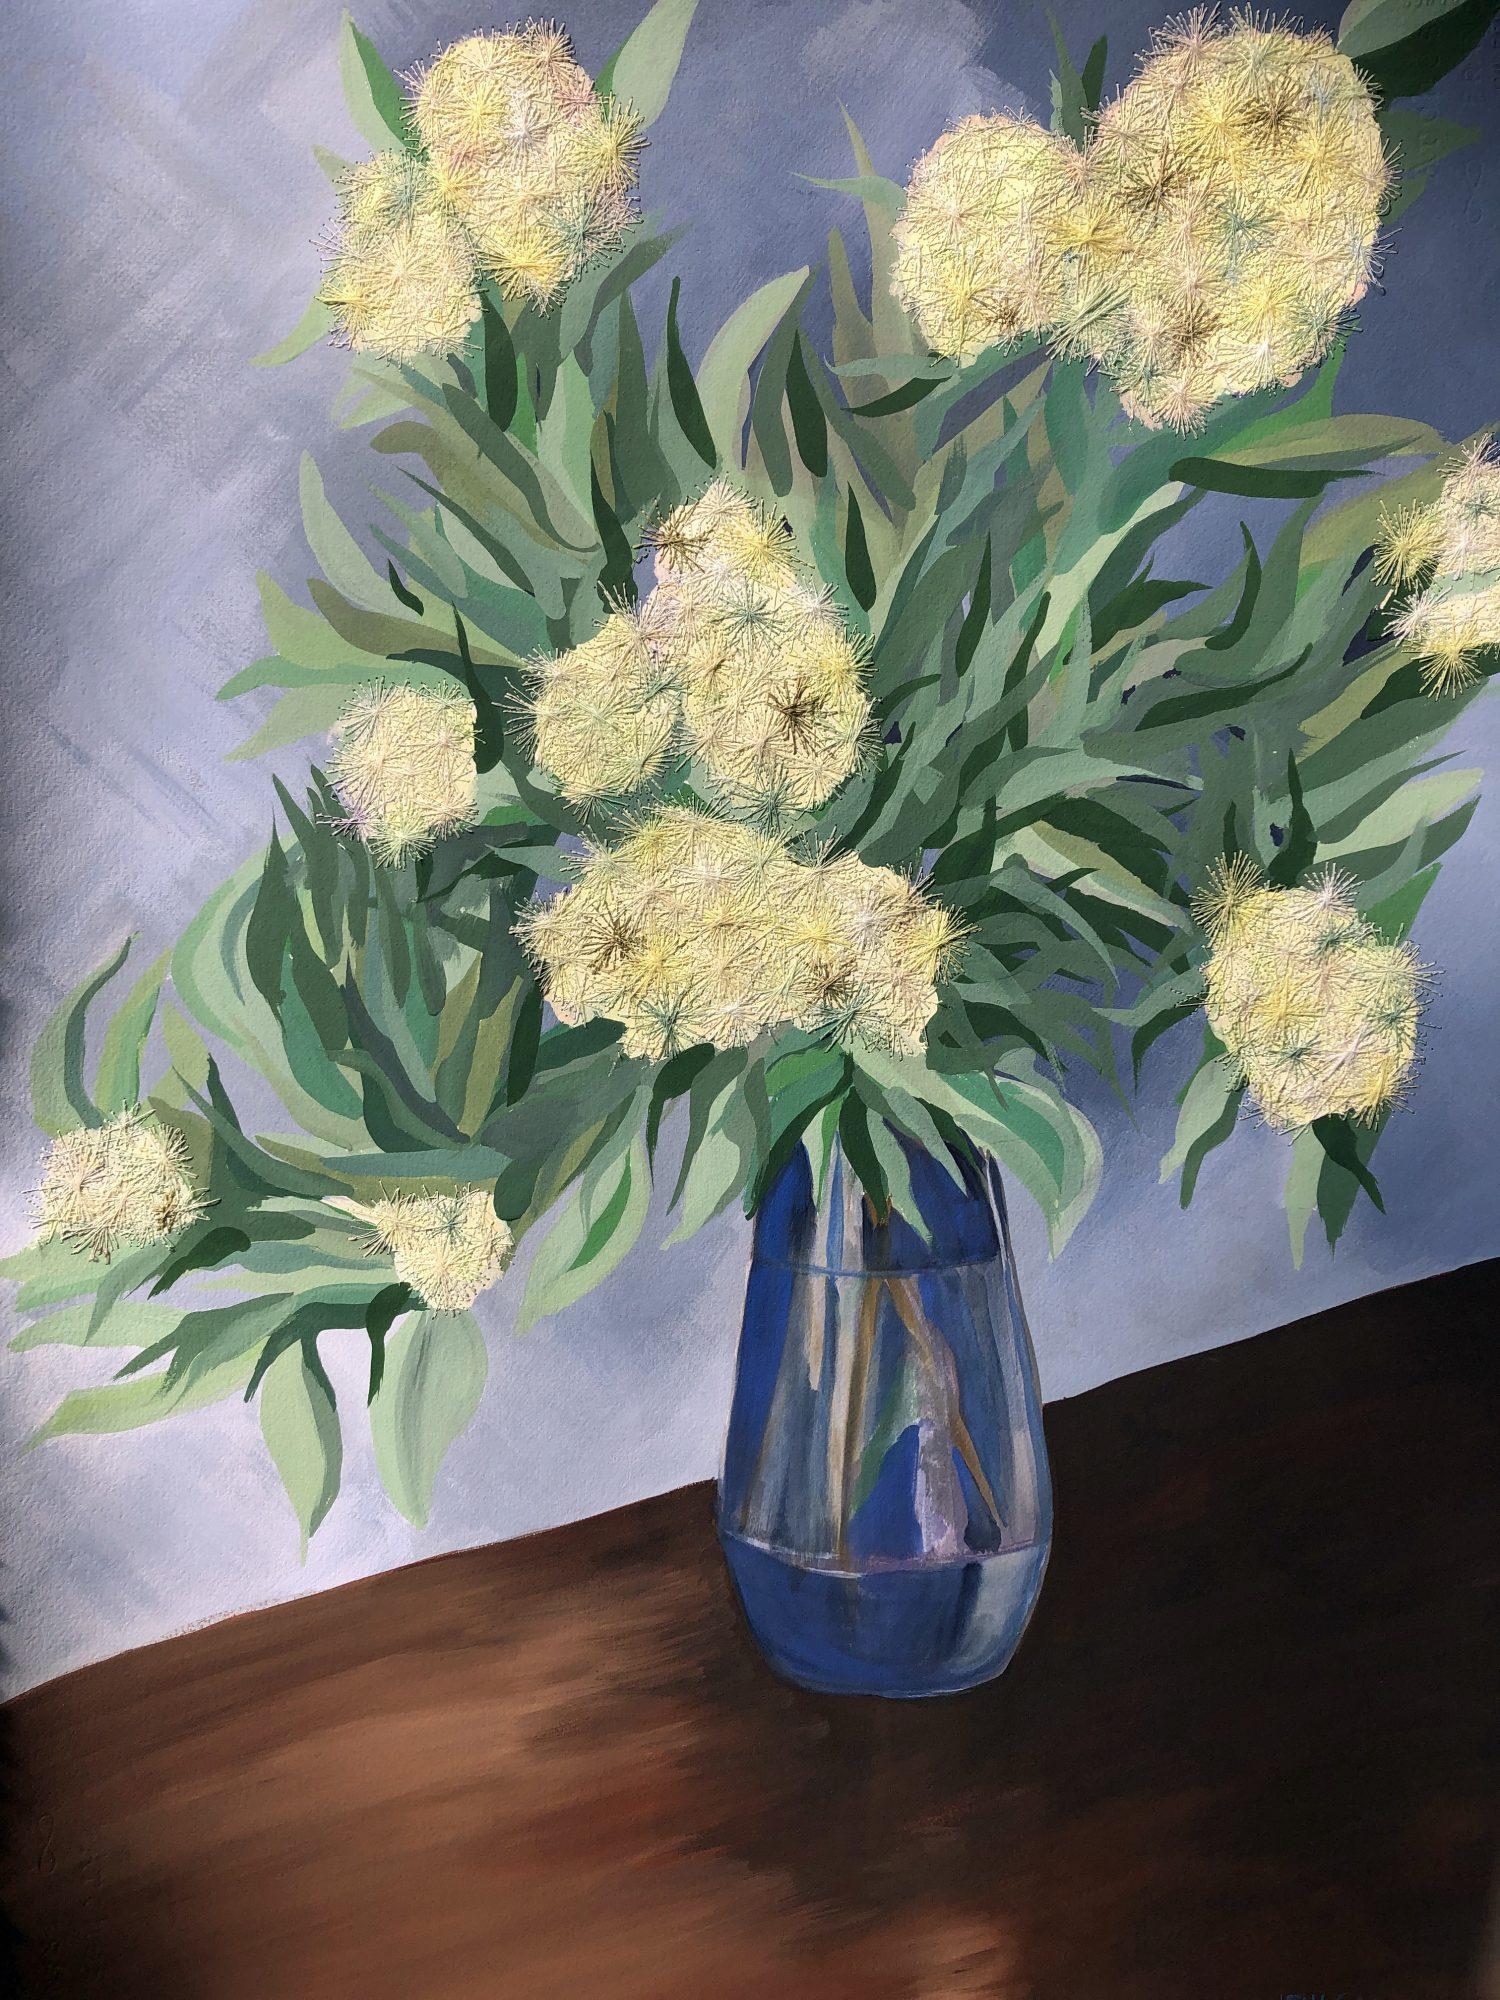 Lemon Myrtle In Bloom By Leah Gay 2019